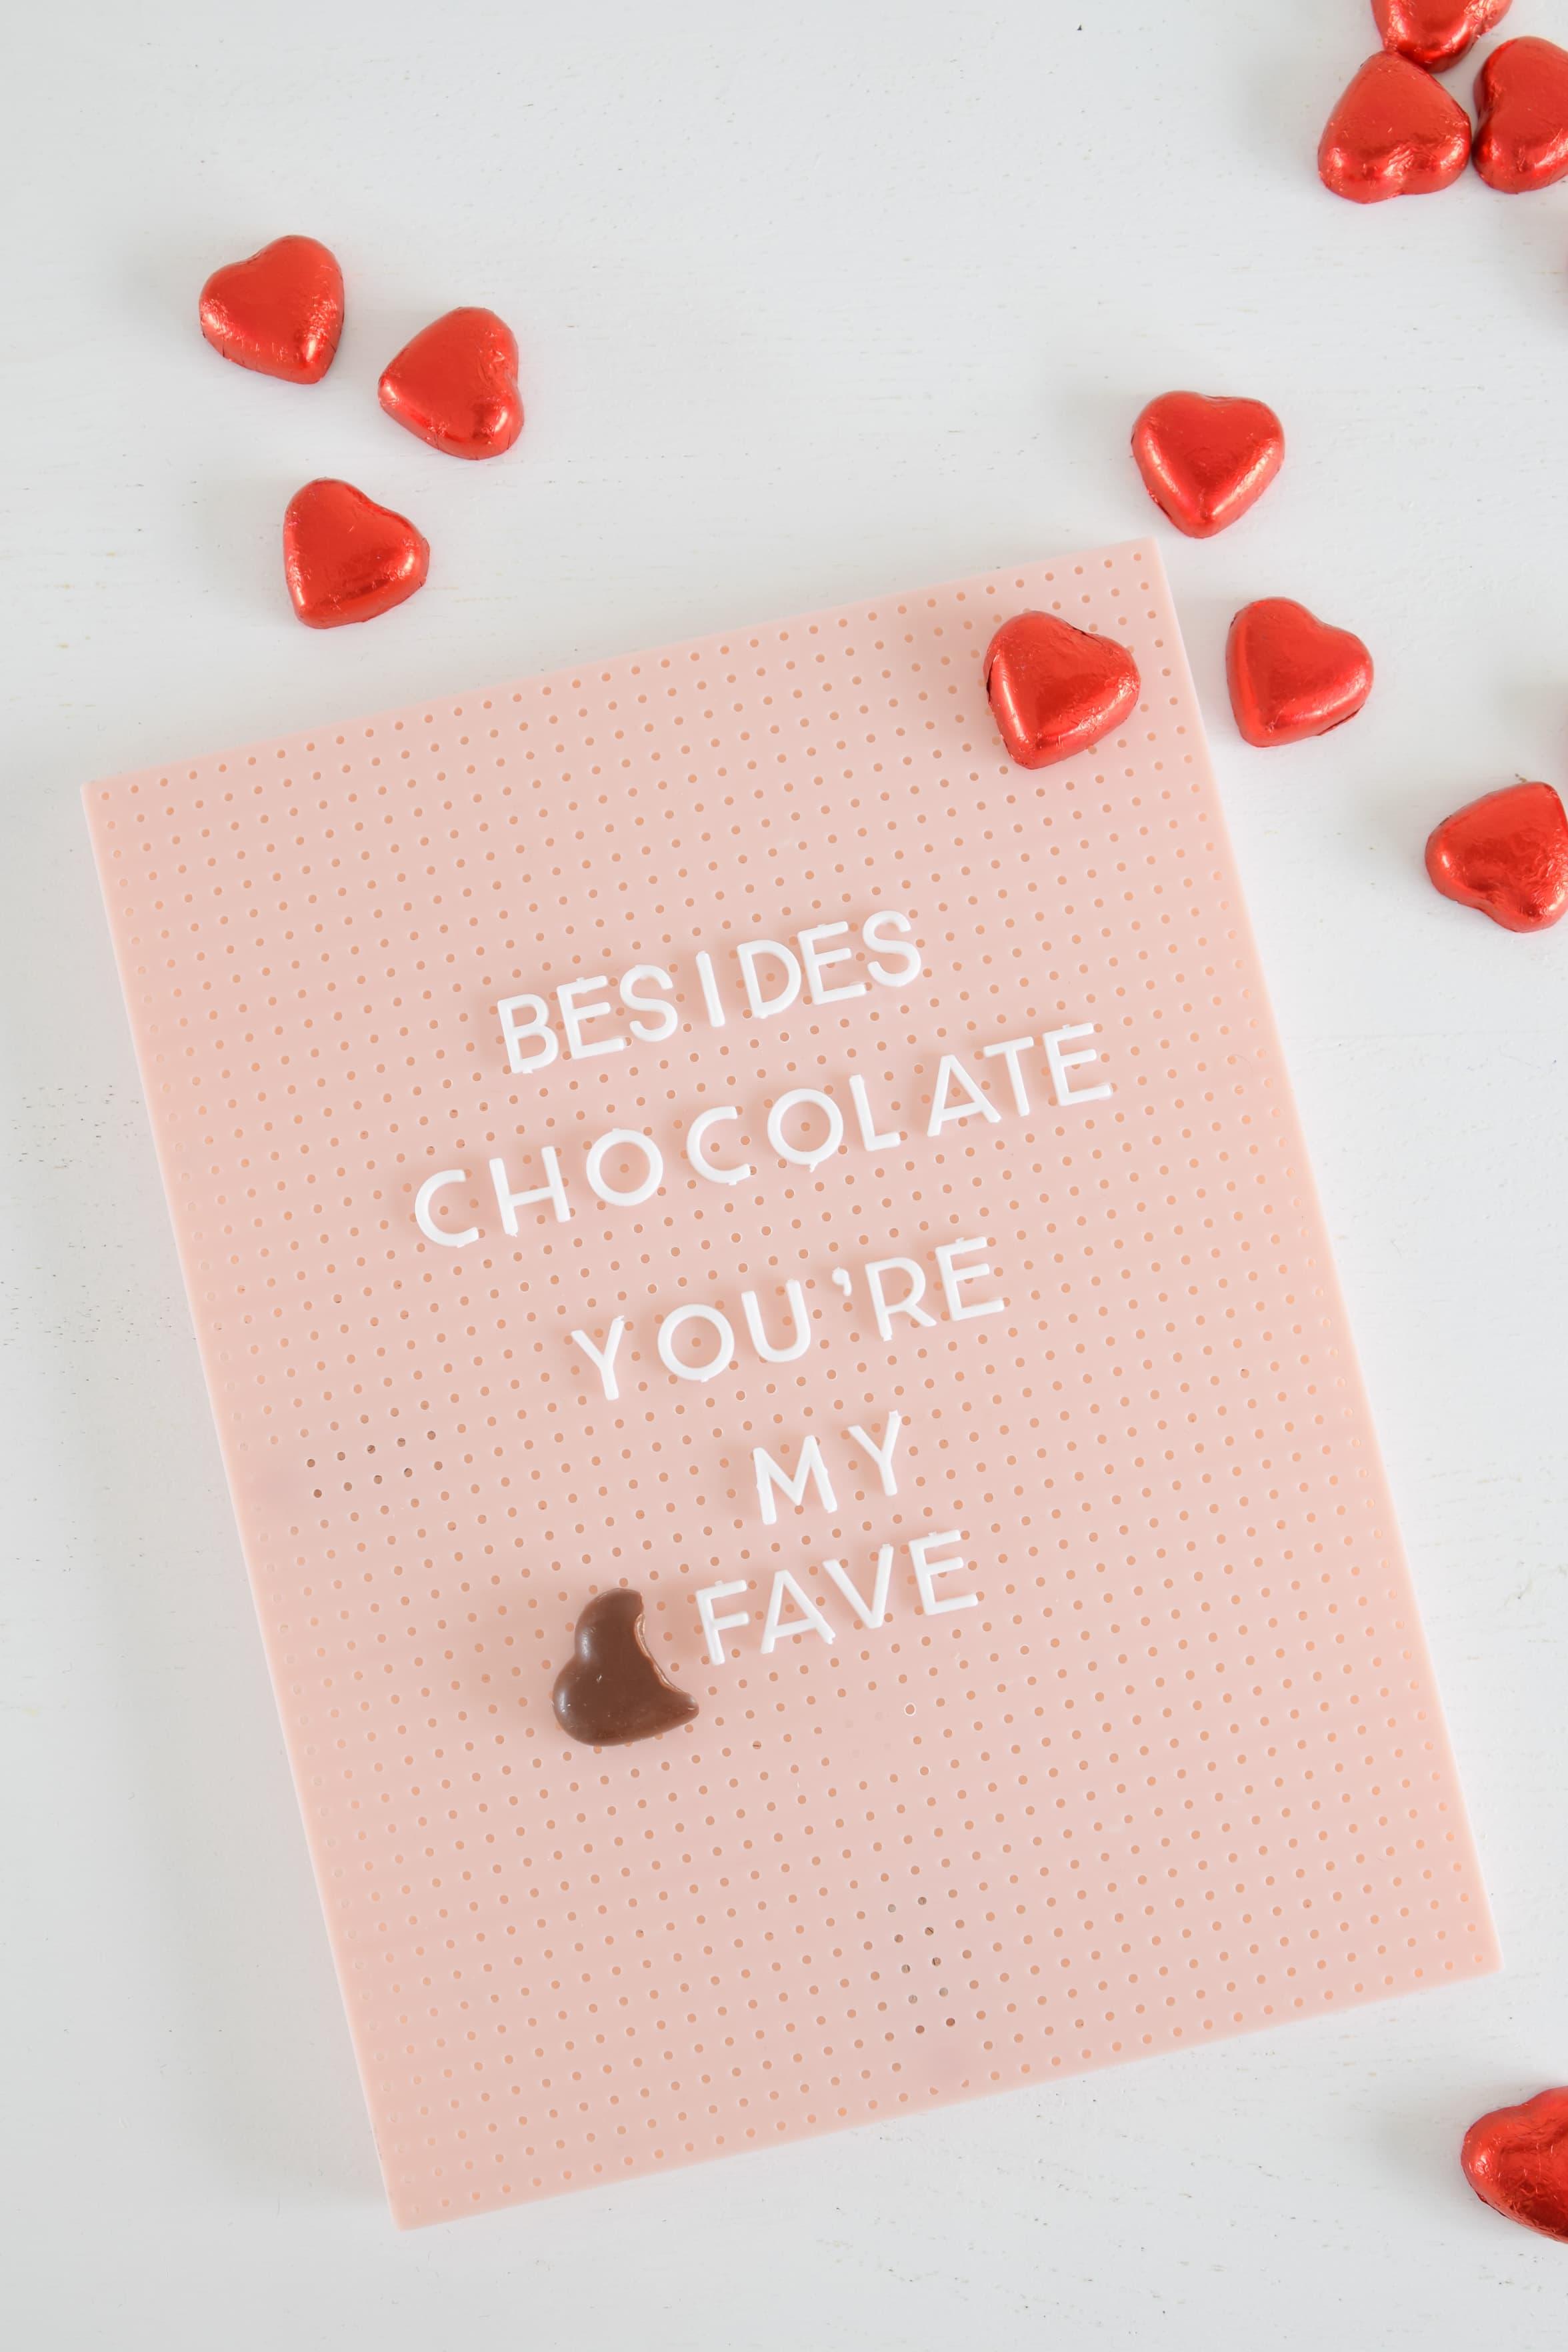 chocolate quote valentijn